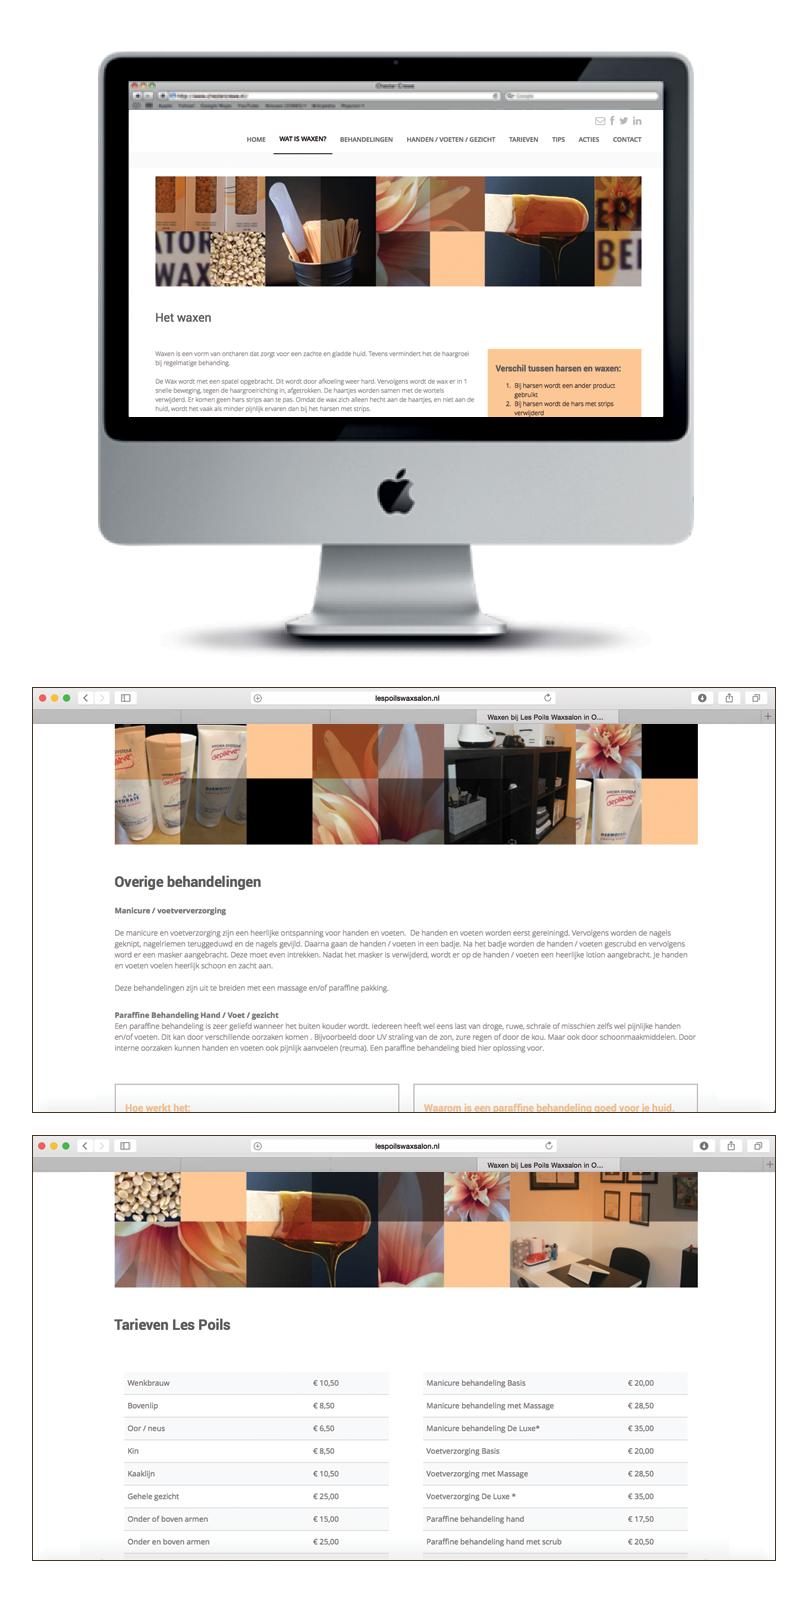 Waxsalon Les Poils Website